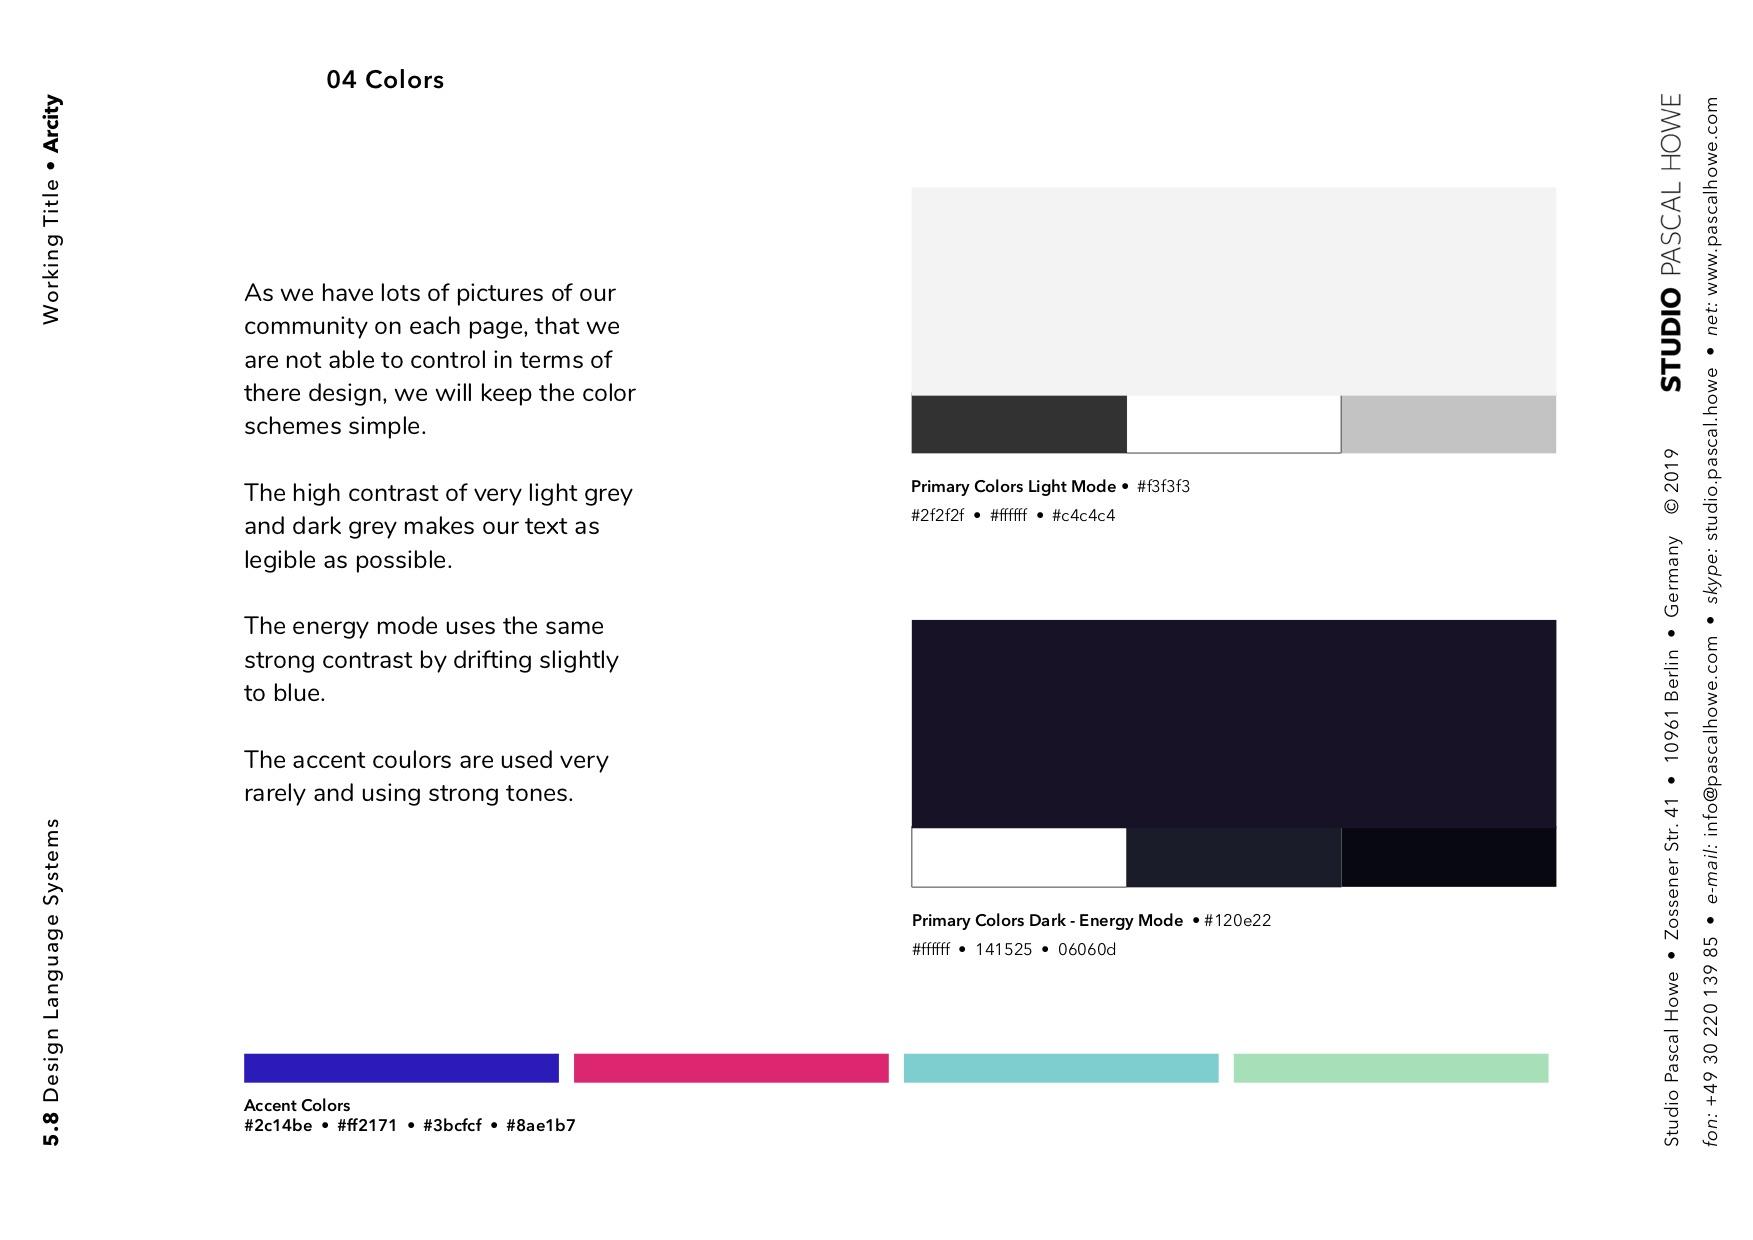 5-8 Design Language Systems_Pascal Howe (verschoben) 5.jpg